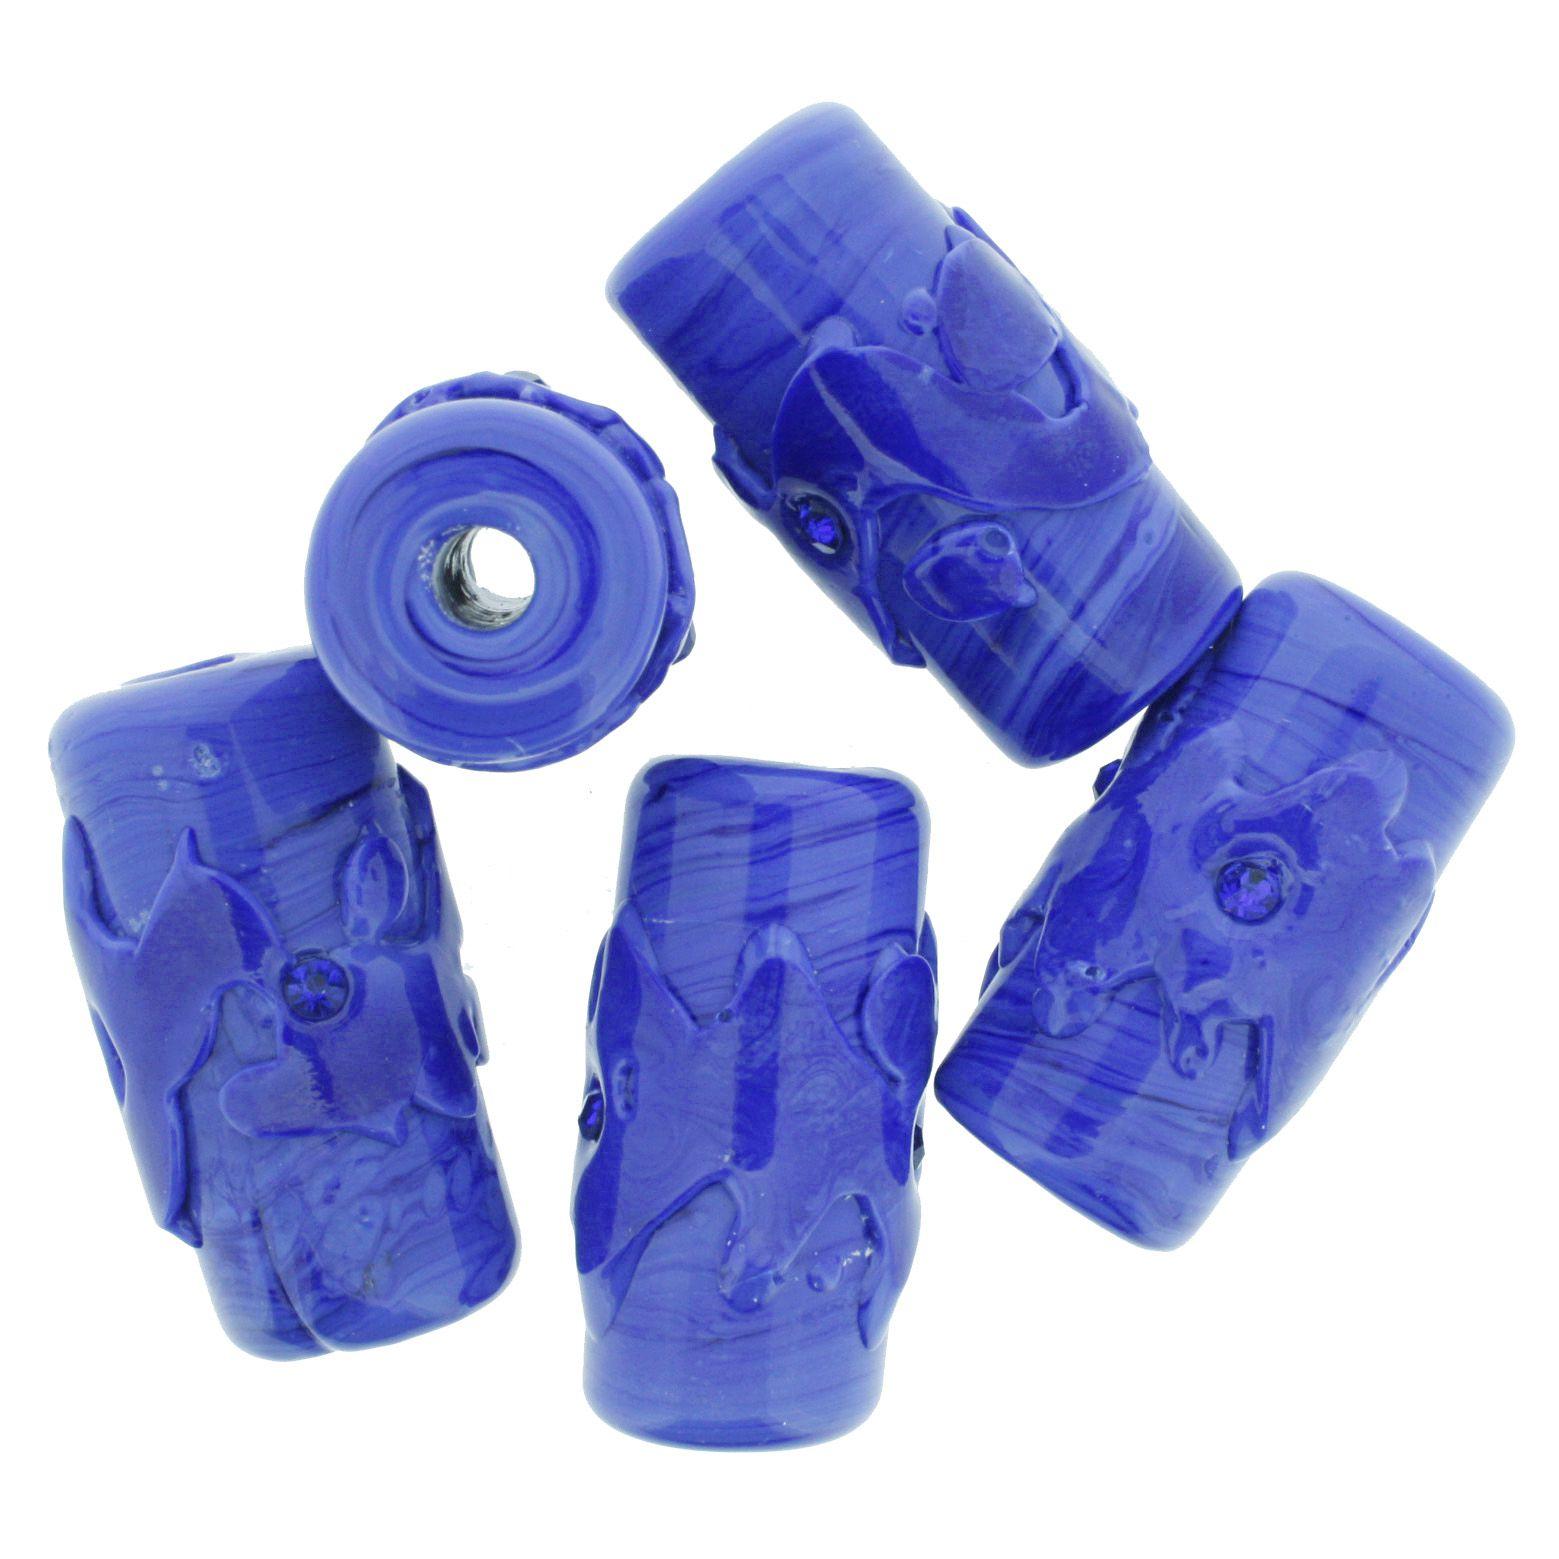 Firmas Strass GG - Azul  - Stéphanie Bijoux® - Peças para Bijuterias e Artesanato